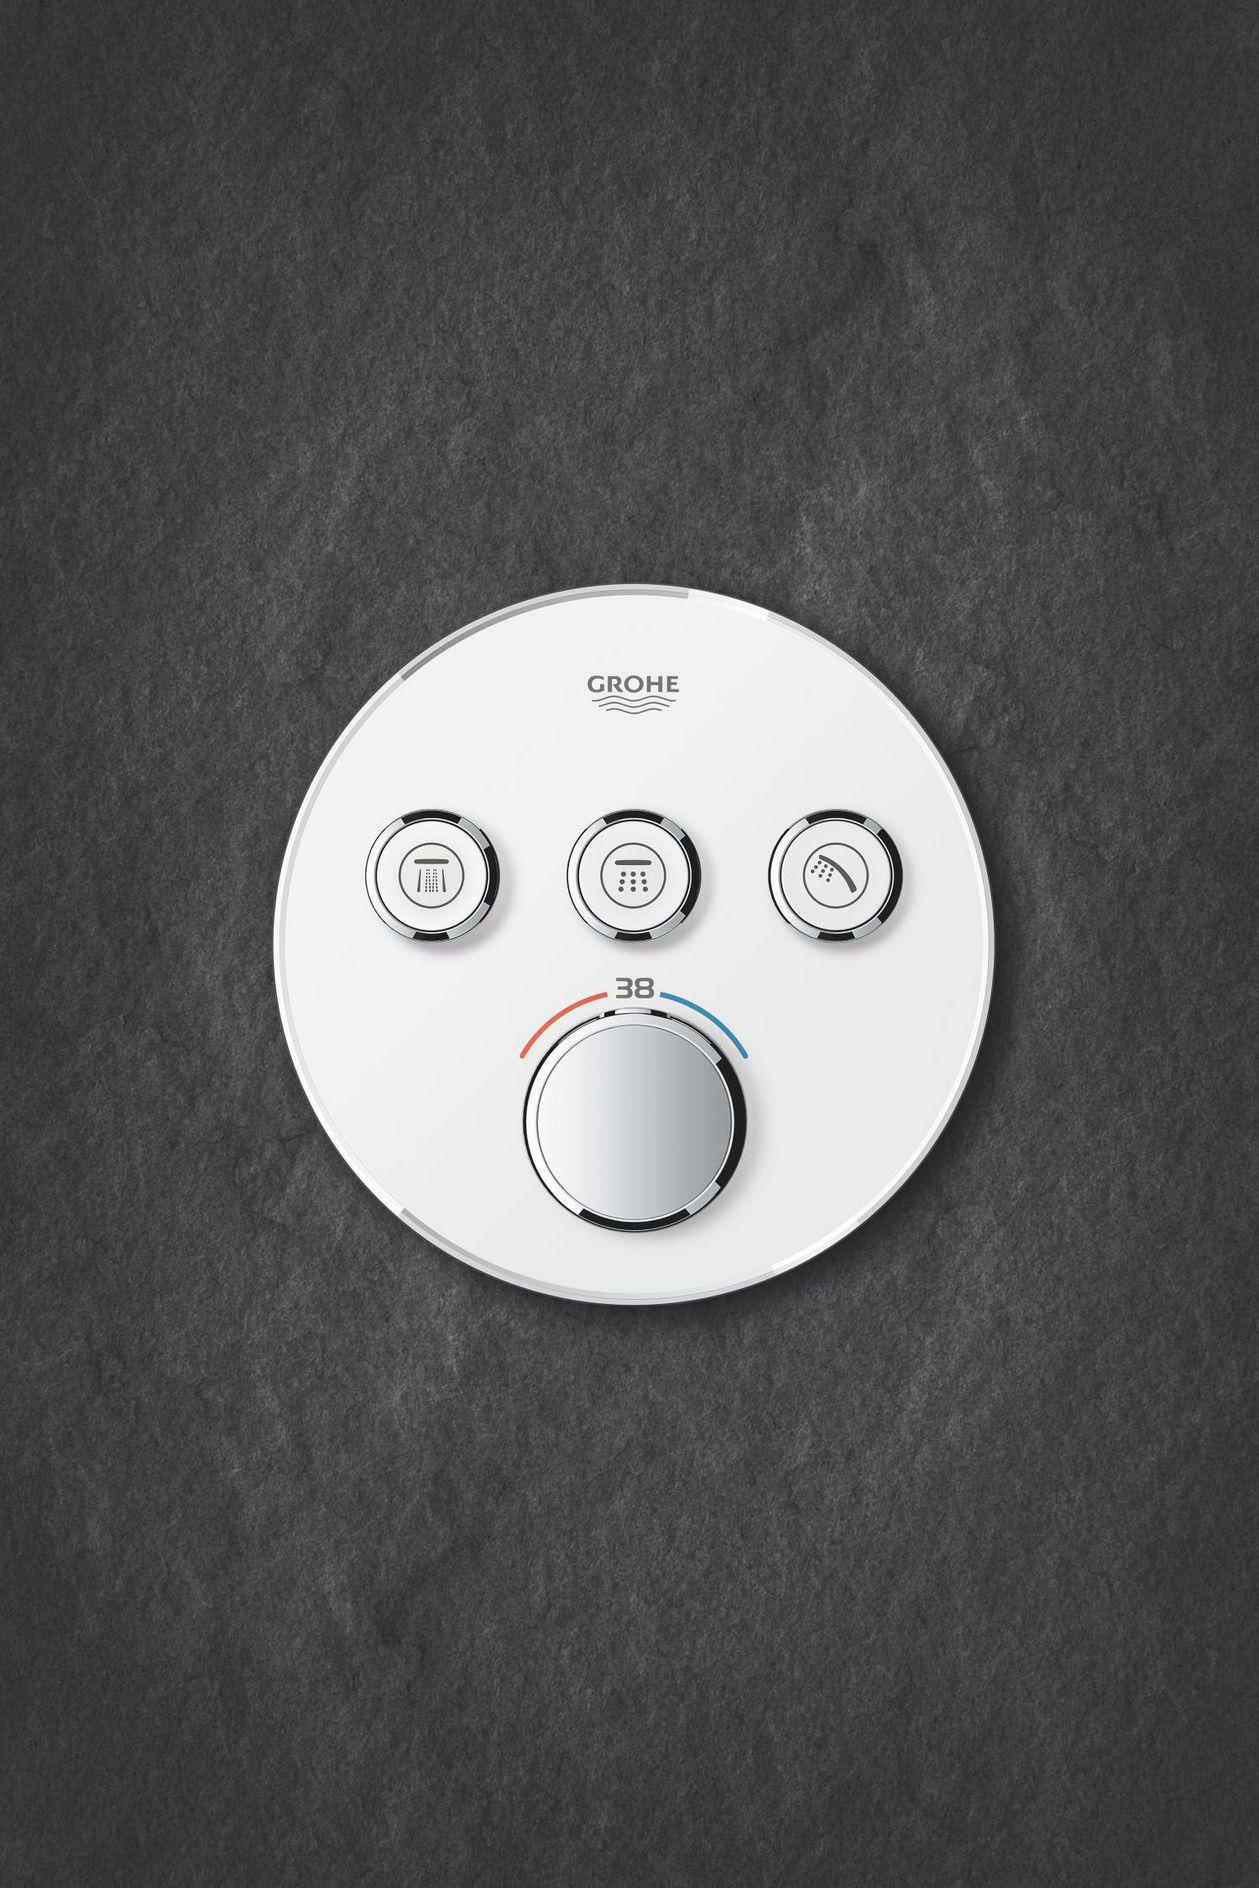 Full Size of Grohe Thermostat Dusche Grohtherm Smartcontrol 43 Mm Pendeltür Bodenebene Mischbatterie Hüppe Bodengleiche Duschen Fliesen Badewanne Mit Tür Und Walk In Dusche Grohe Thermostat Dusche